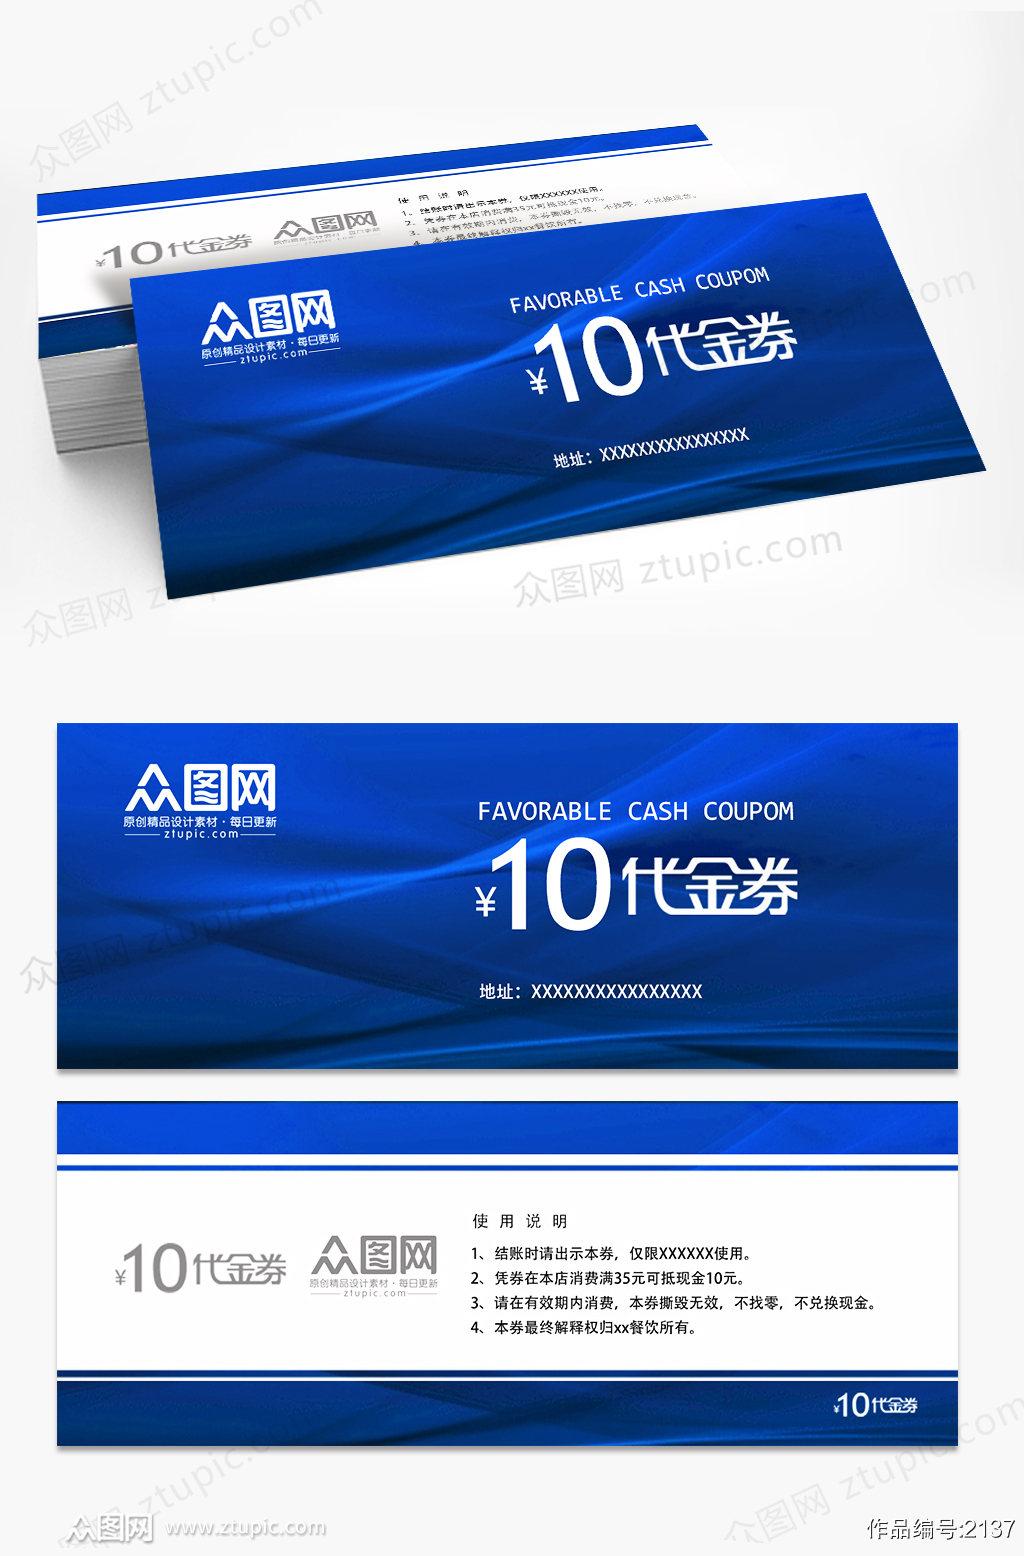 简单大气蓝色渐变通用科技感企业优惠券优惠券代金券设计素材